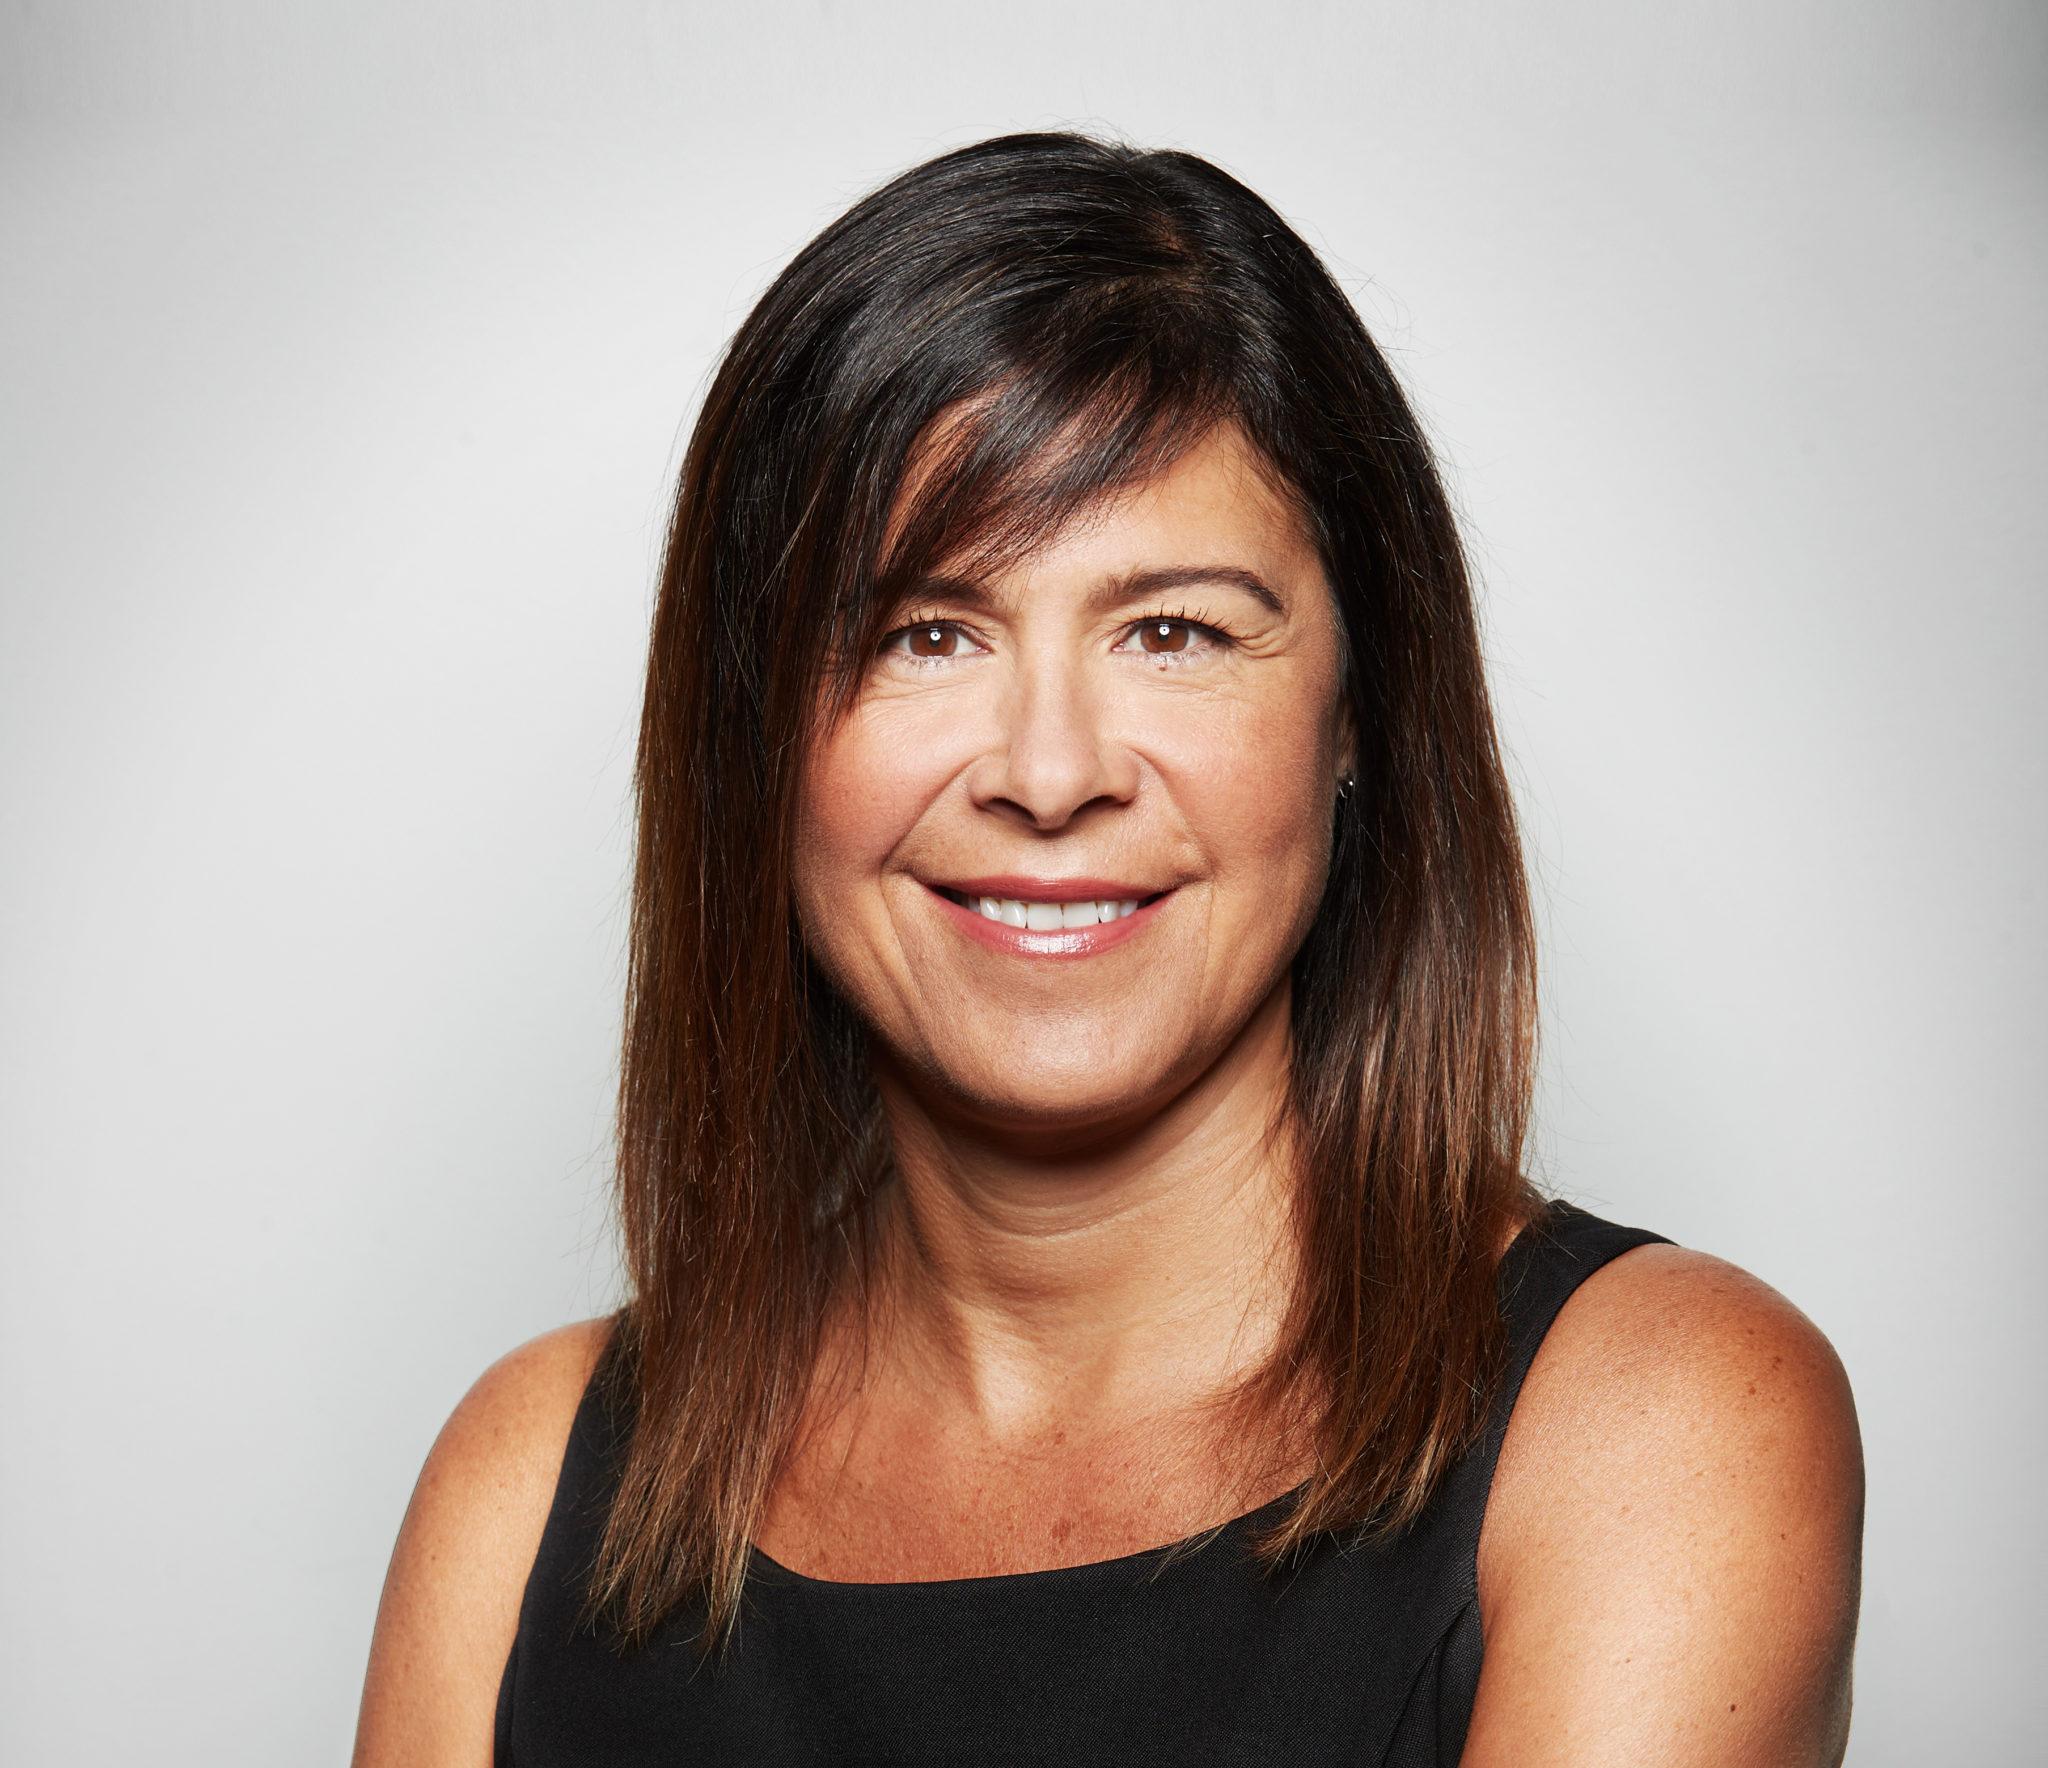 L'Alliance numérique accueille Nadine Gelly à titre de directrice générale